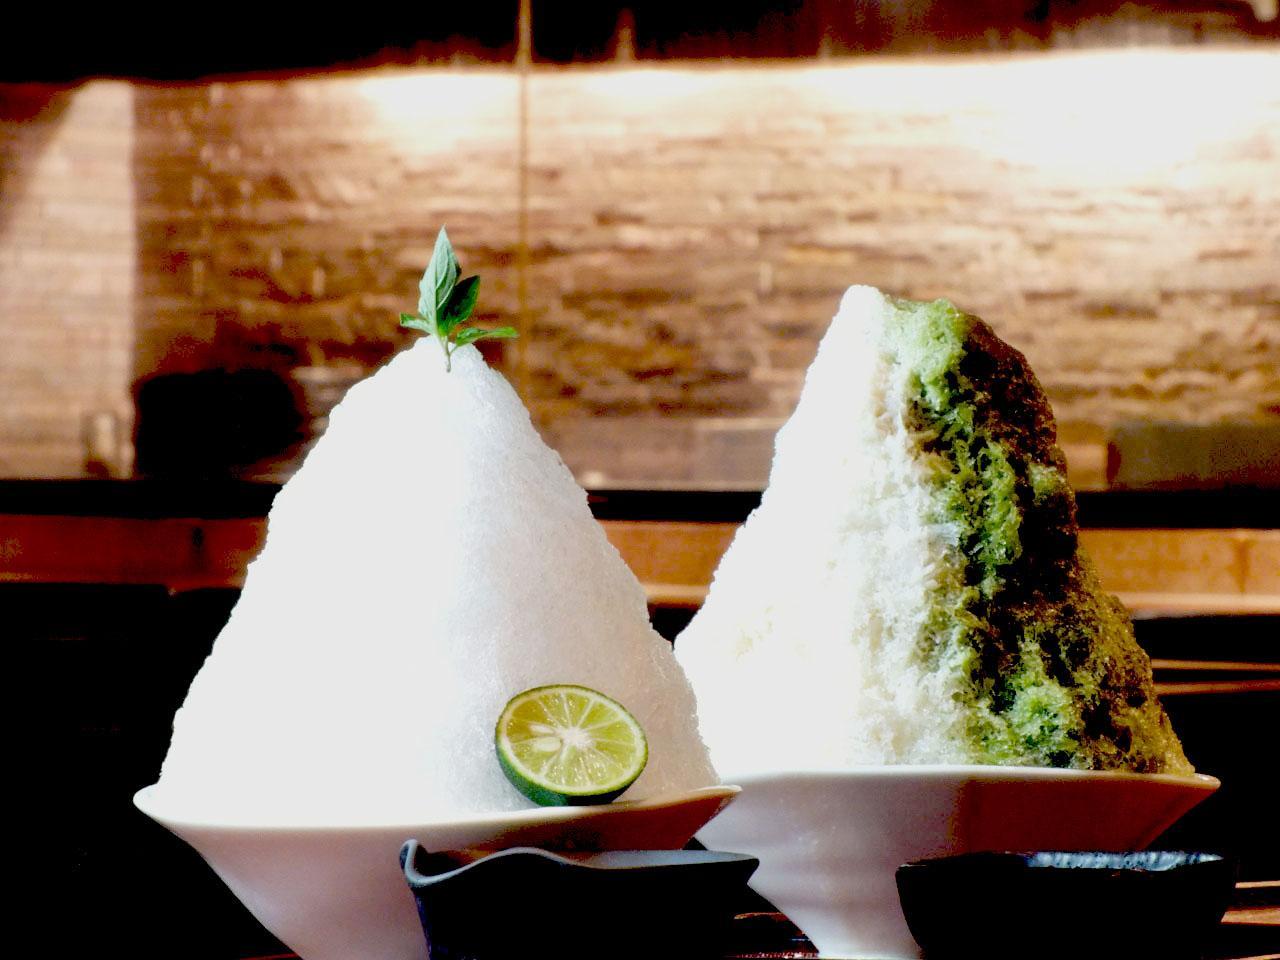 画像: 生姜メインの料理屋のかき氷は、もちろん自家製「生姜シロップ」でいただきます